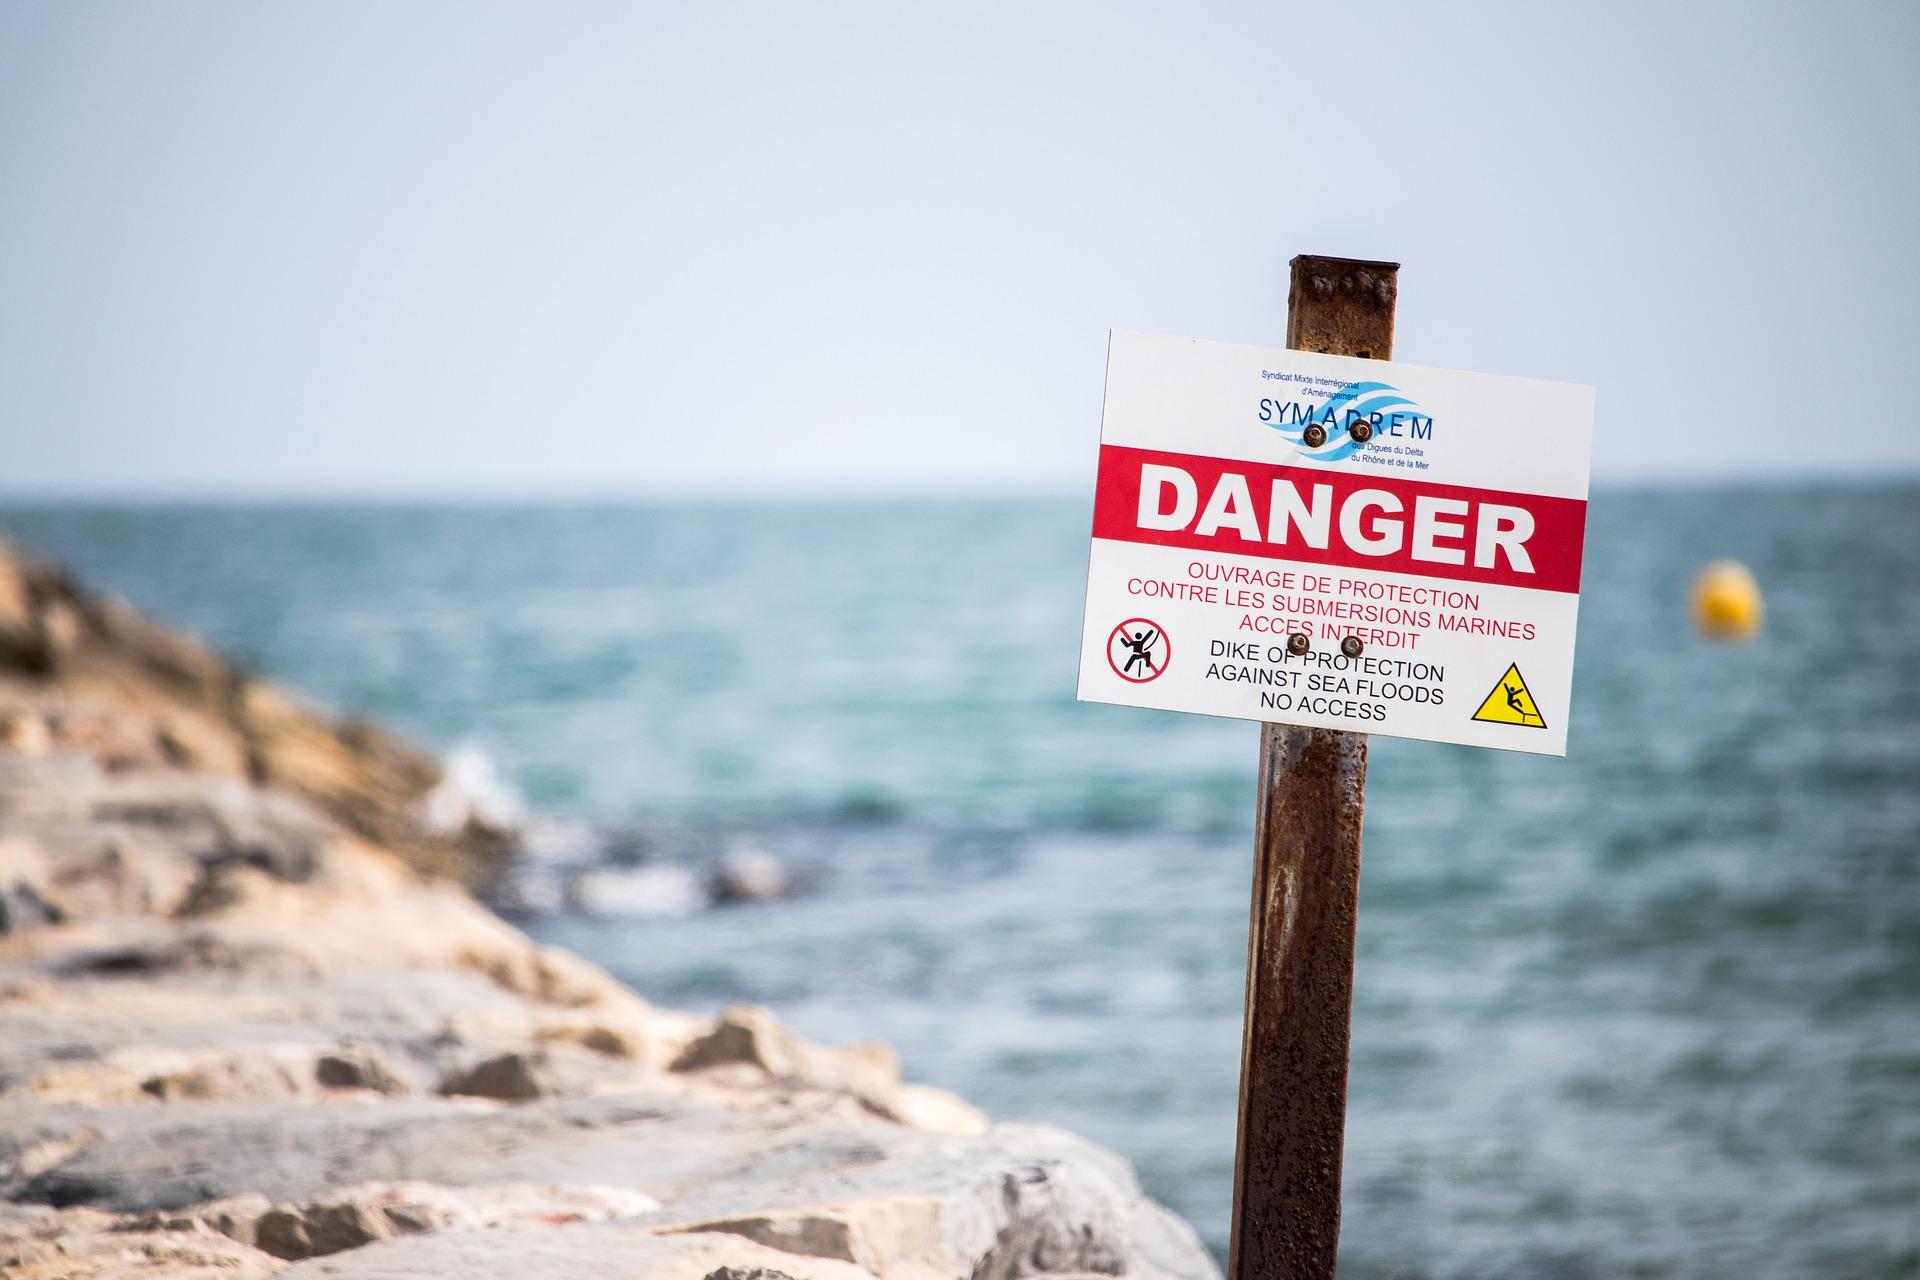 danger-2483064_1920.jpg